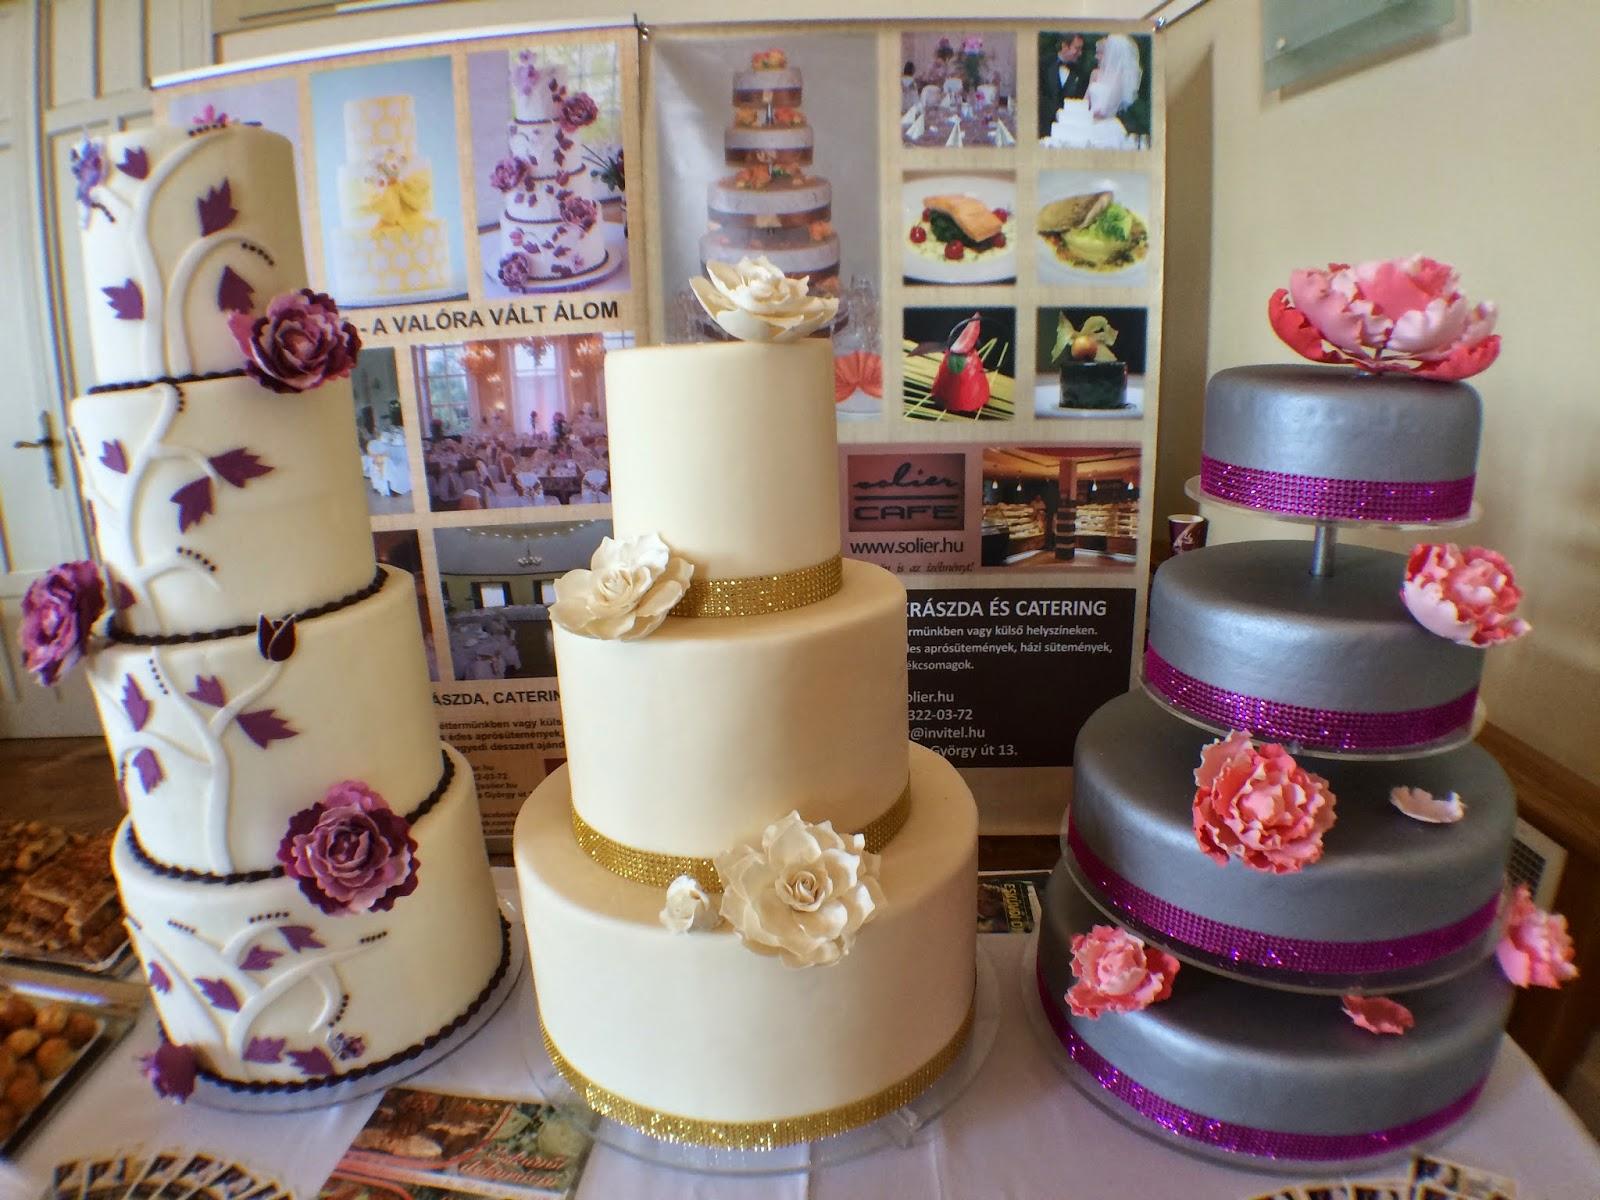 876613afce Az esküvők nélkülözhetetlen forgatókönyvi eleme a menyasszonyi / esküvői  torta. A torta behozatal mellé különféle vidám, ünnepélyes, fennkölt  hangulatú ...